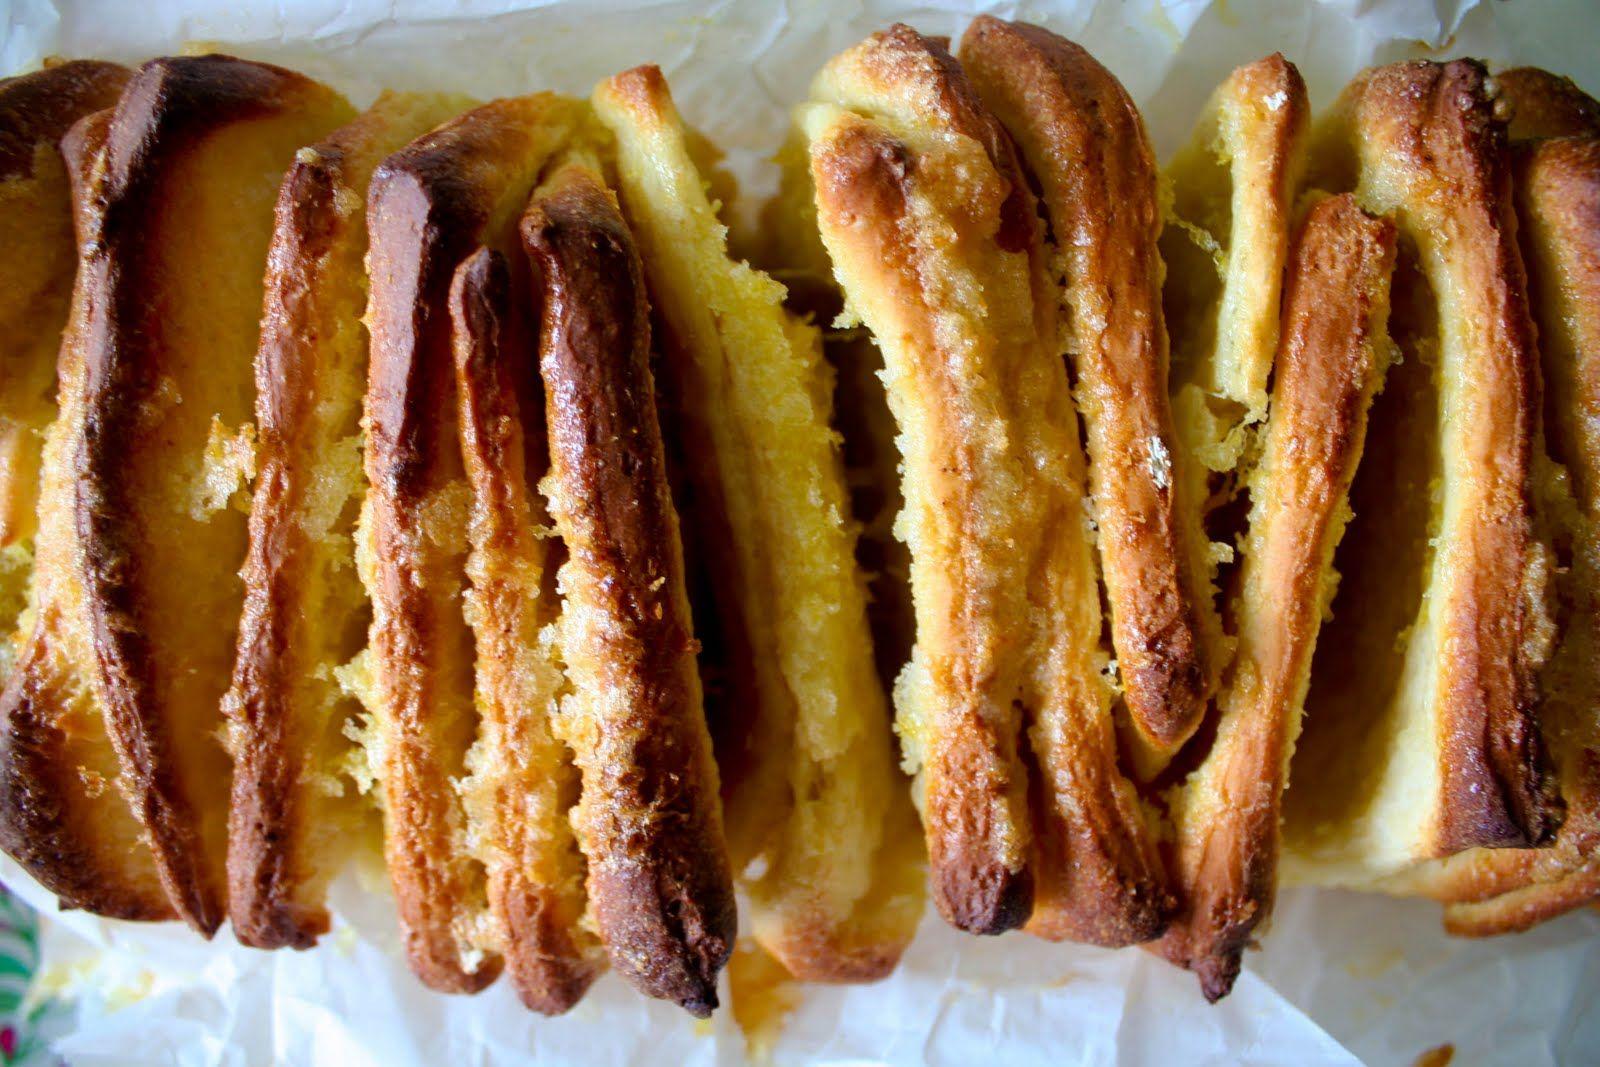 Buttered Up: Lemon Pull-Apart Bread